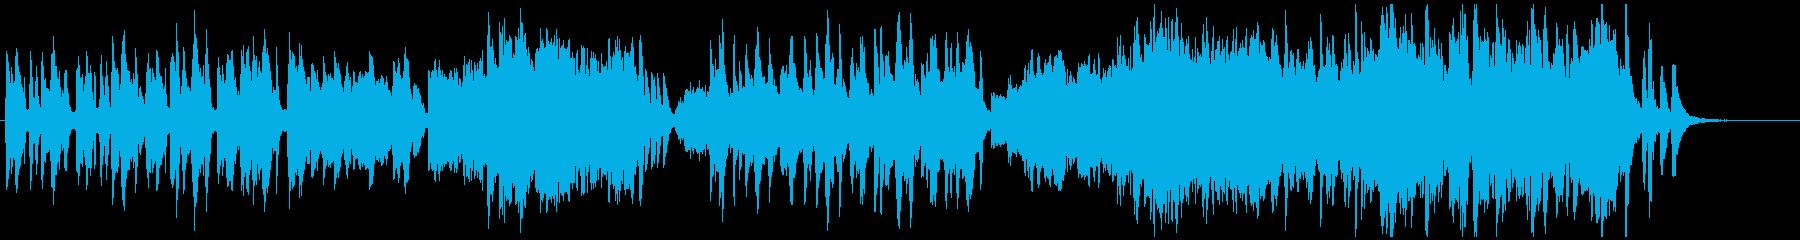 アニメ劇伴風ほのぼの日常BGMの再生済みの波形